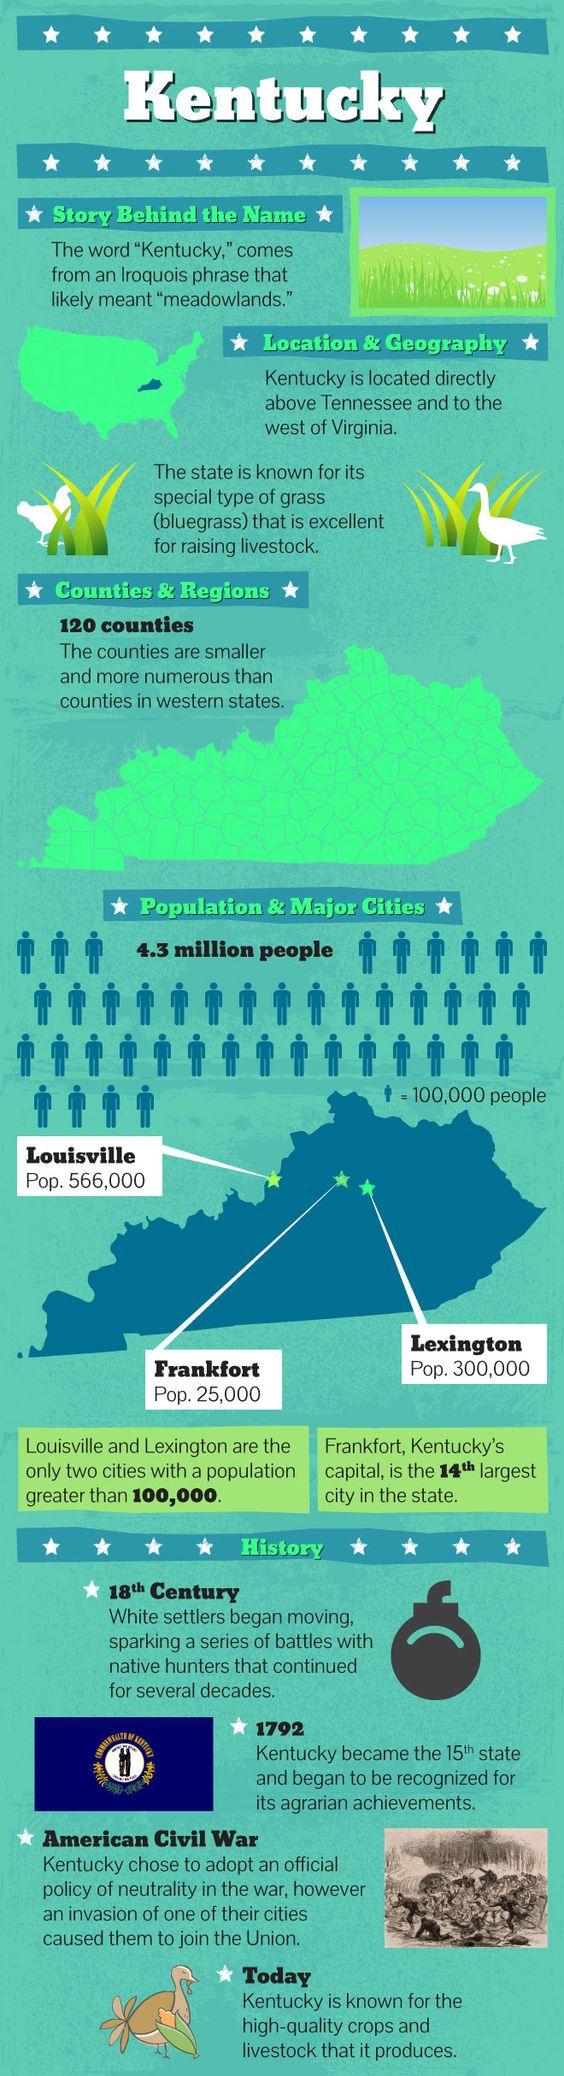 #Kentucky #facts at http://www.mapsofworld.com/pages/usa-fast-facts/us-states/kentucky-fast-facts/